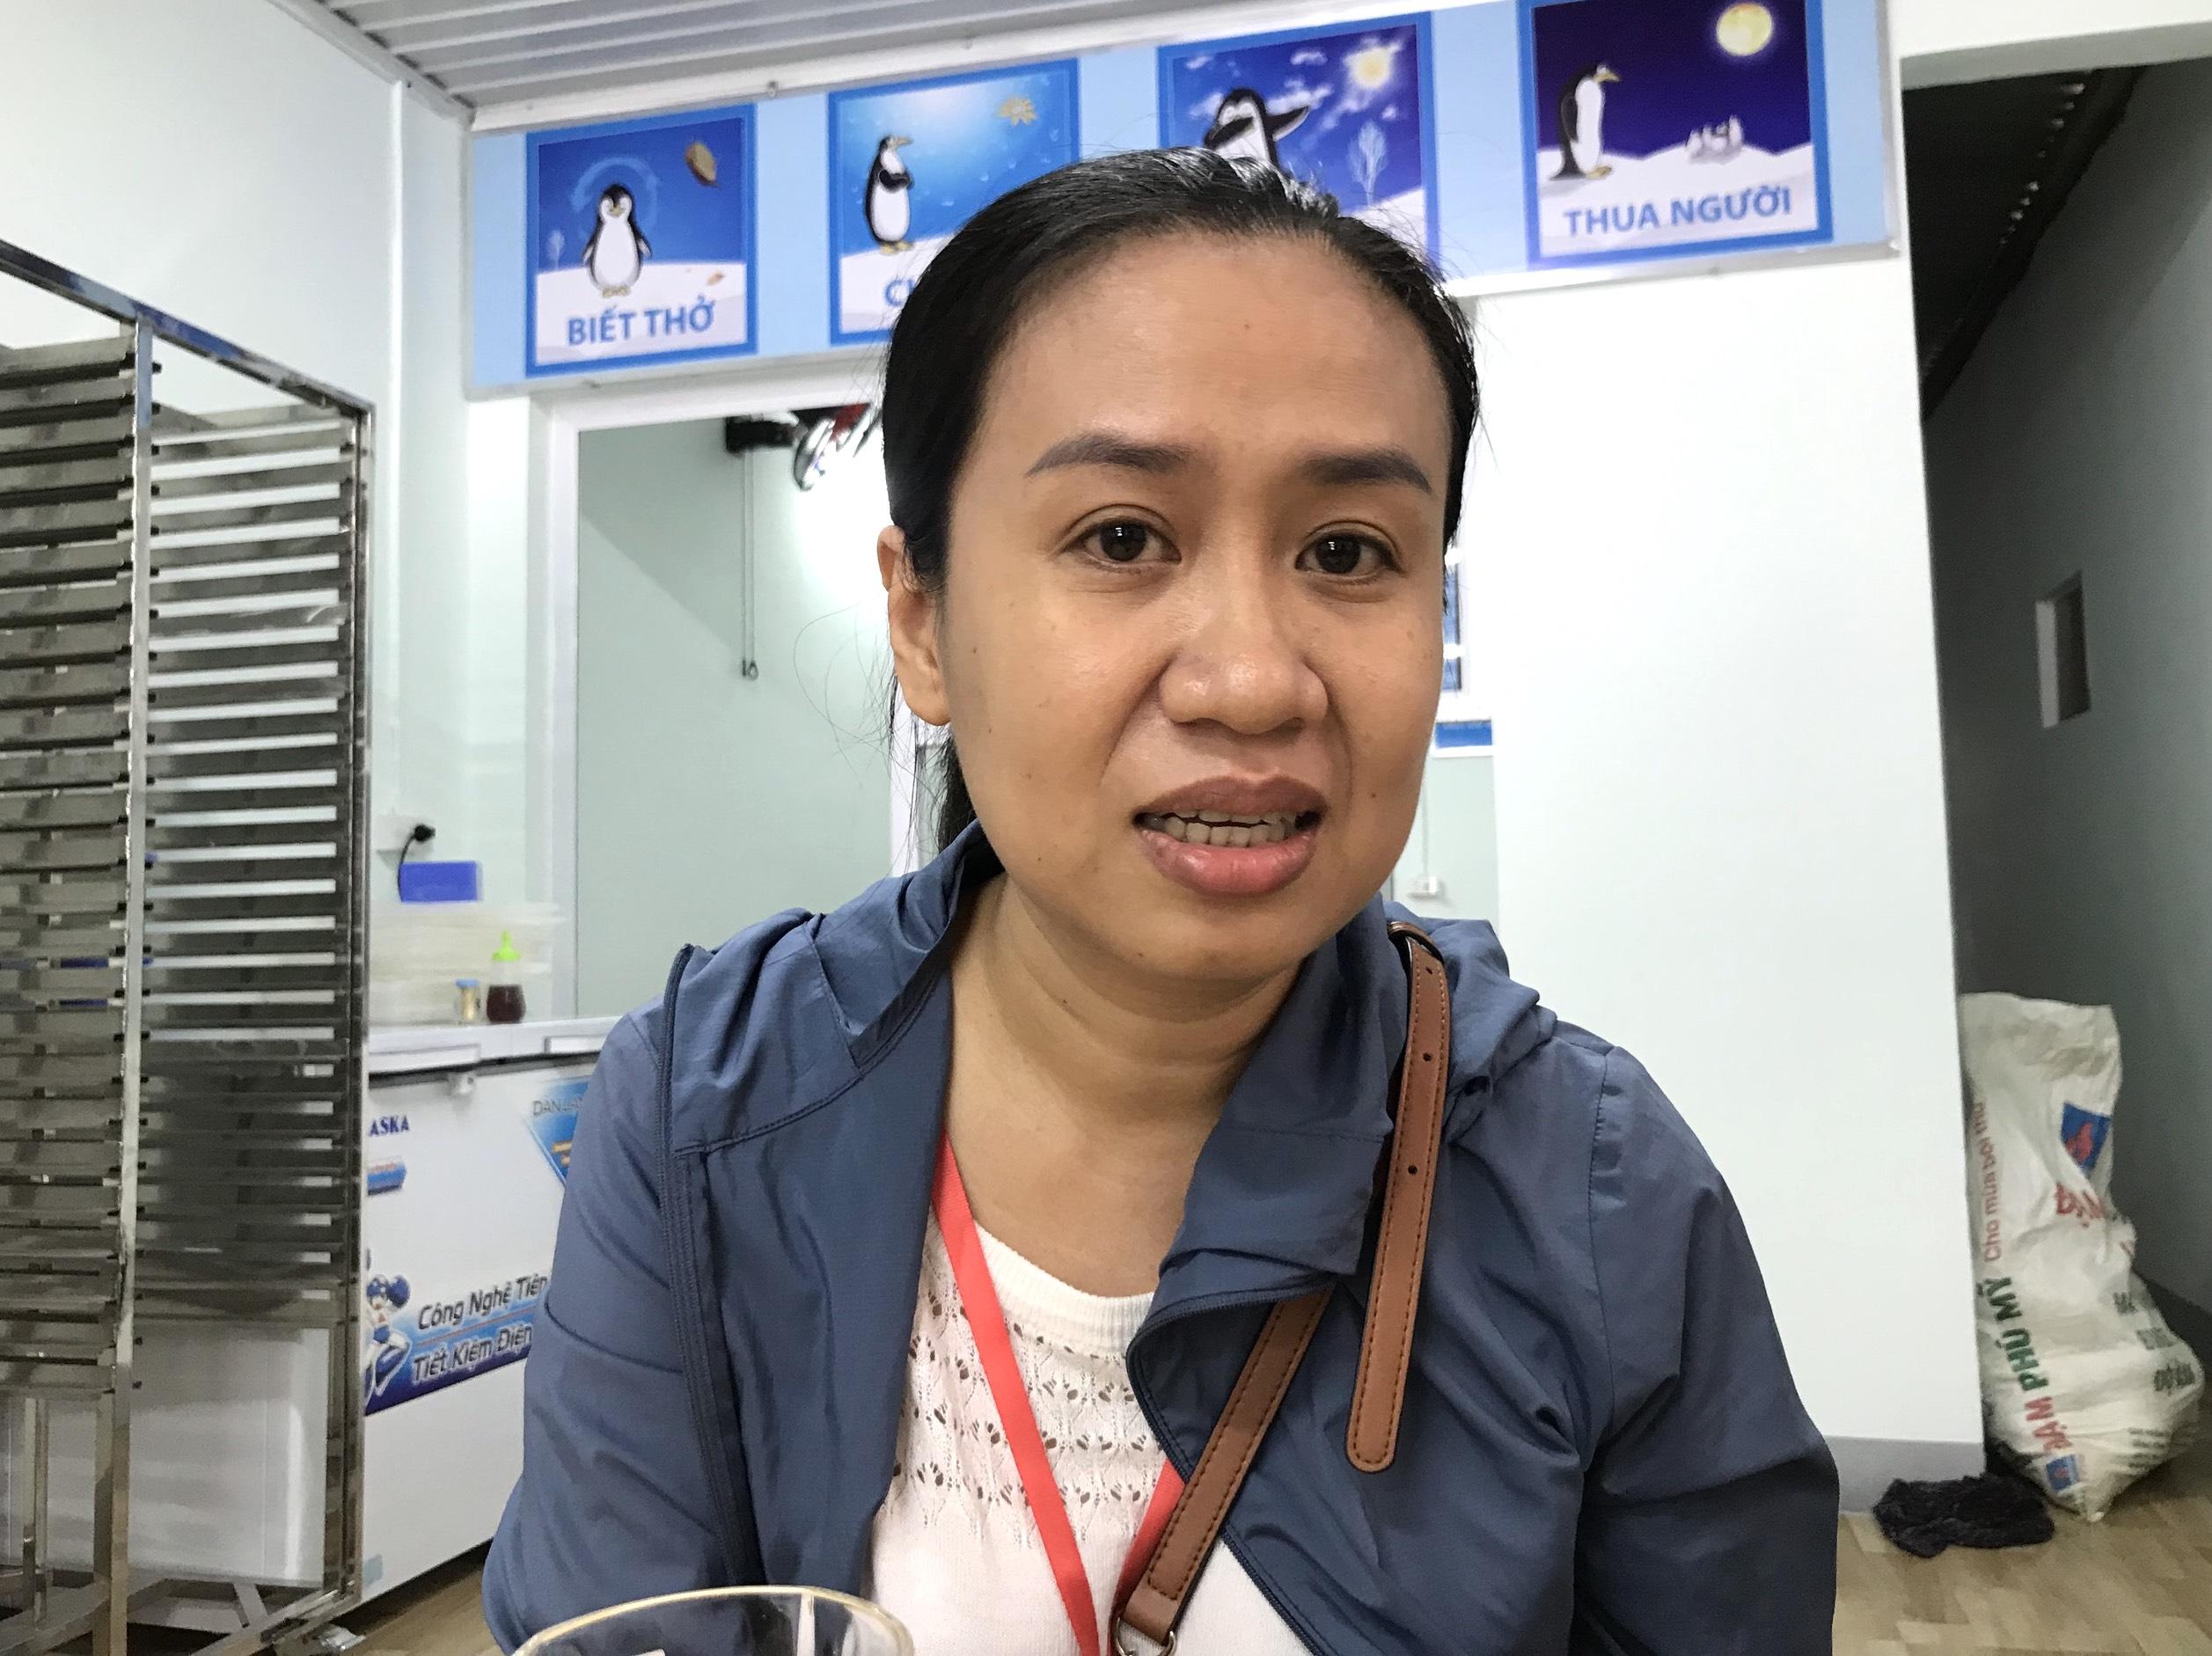 Quán cơm 2000 đồng đầu tiên ở Nghệ An: Ai không có tiền vẫn mời họ vào ăn - Ảnh 14.